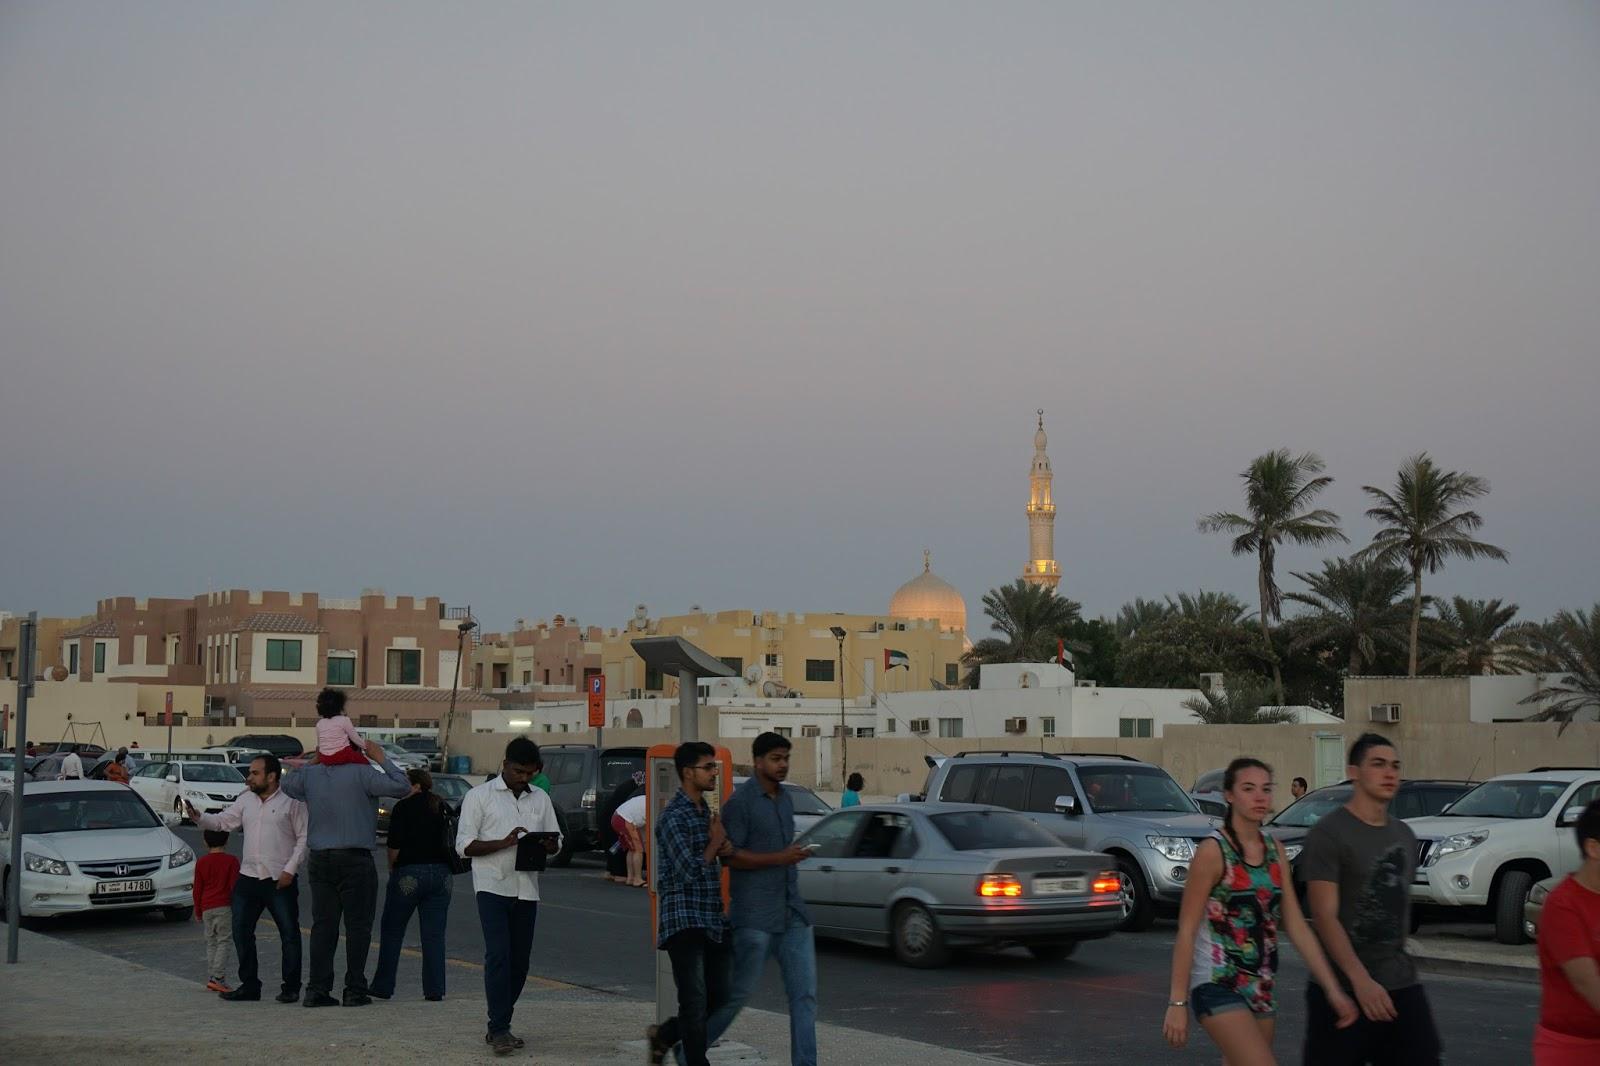 ジュメイラ・ビーチ(Jumeirah Beach)